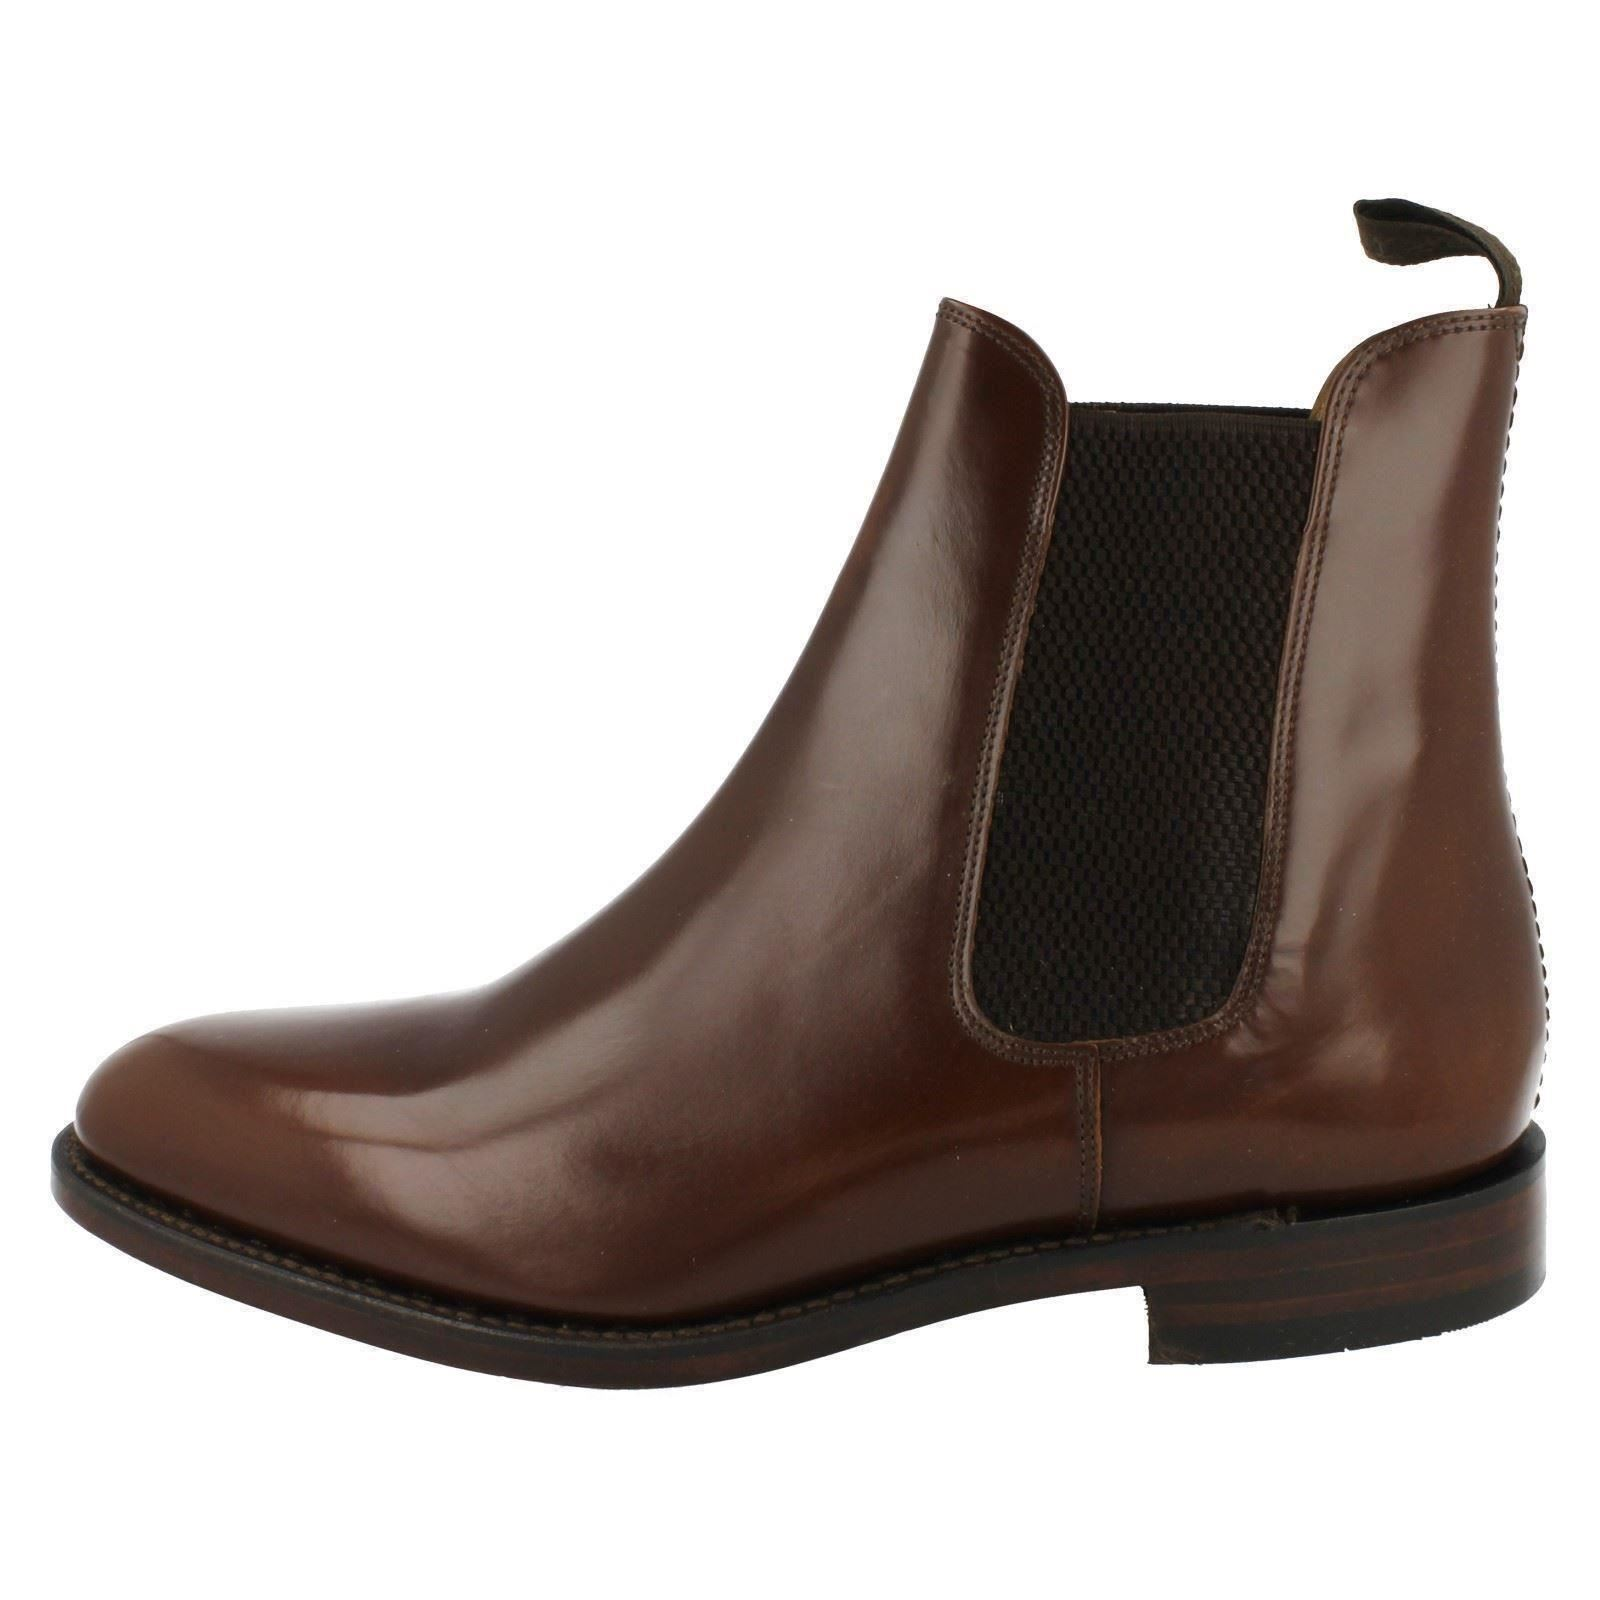 mens loake slip on ankle boots label 290 ebay